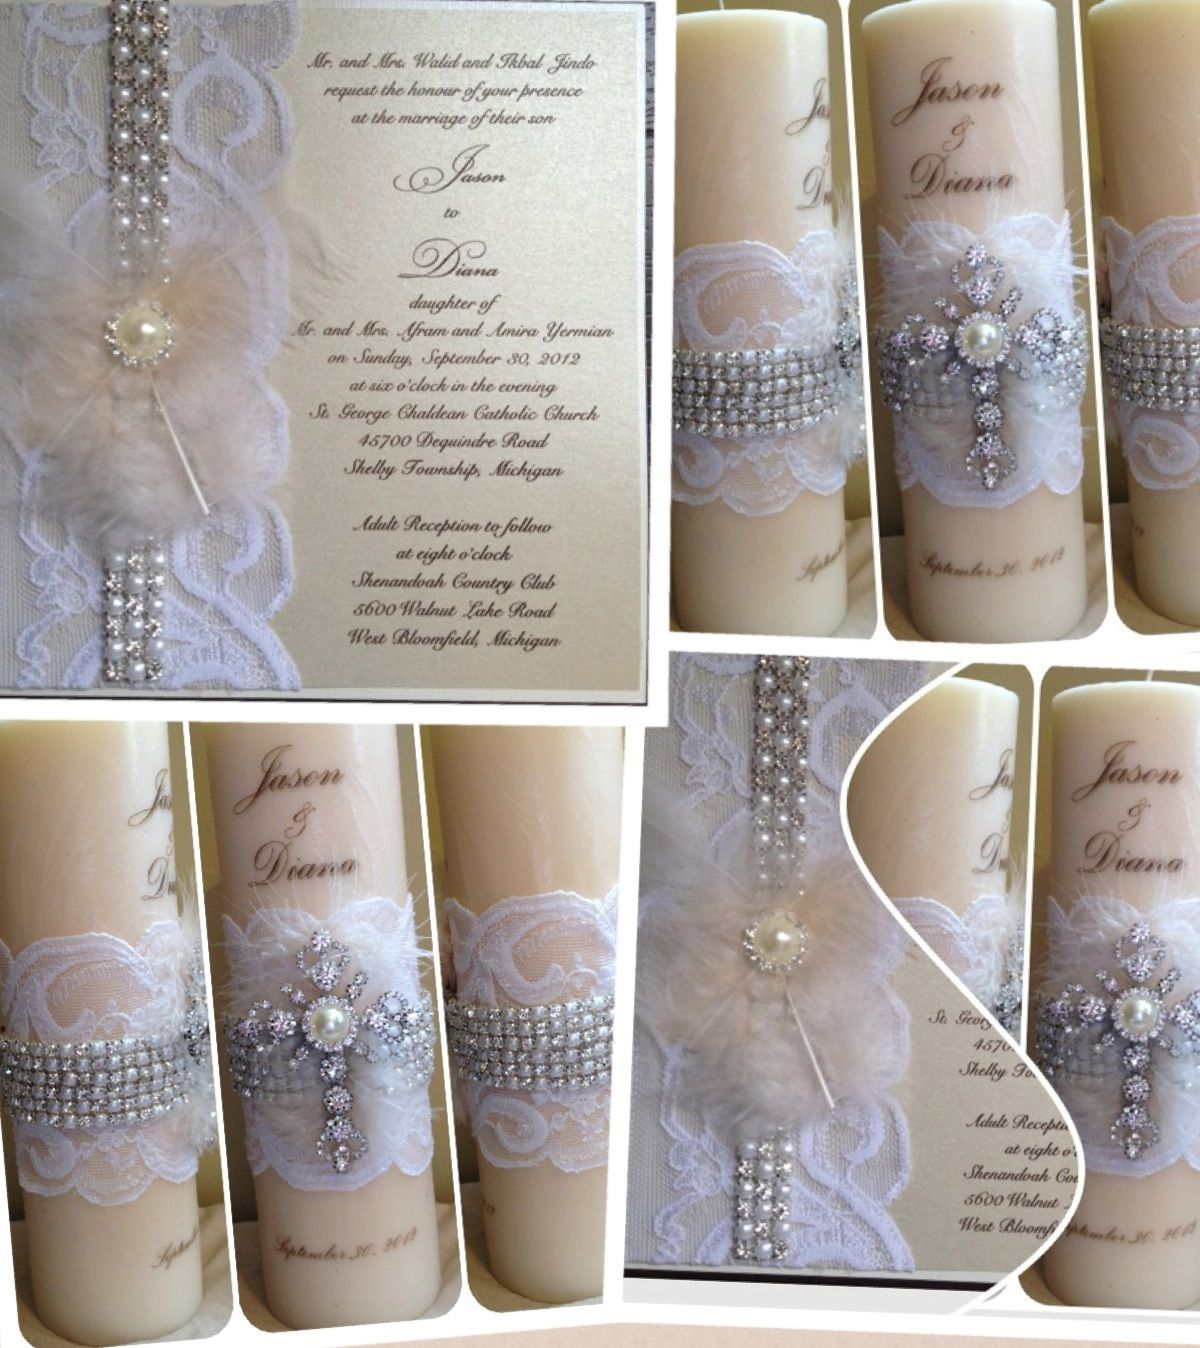 Candle personalized wedding invitation unity keepsake kandle candle personalized wedding invitation unity keepsake kandle stopboris Choice Image